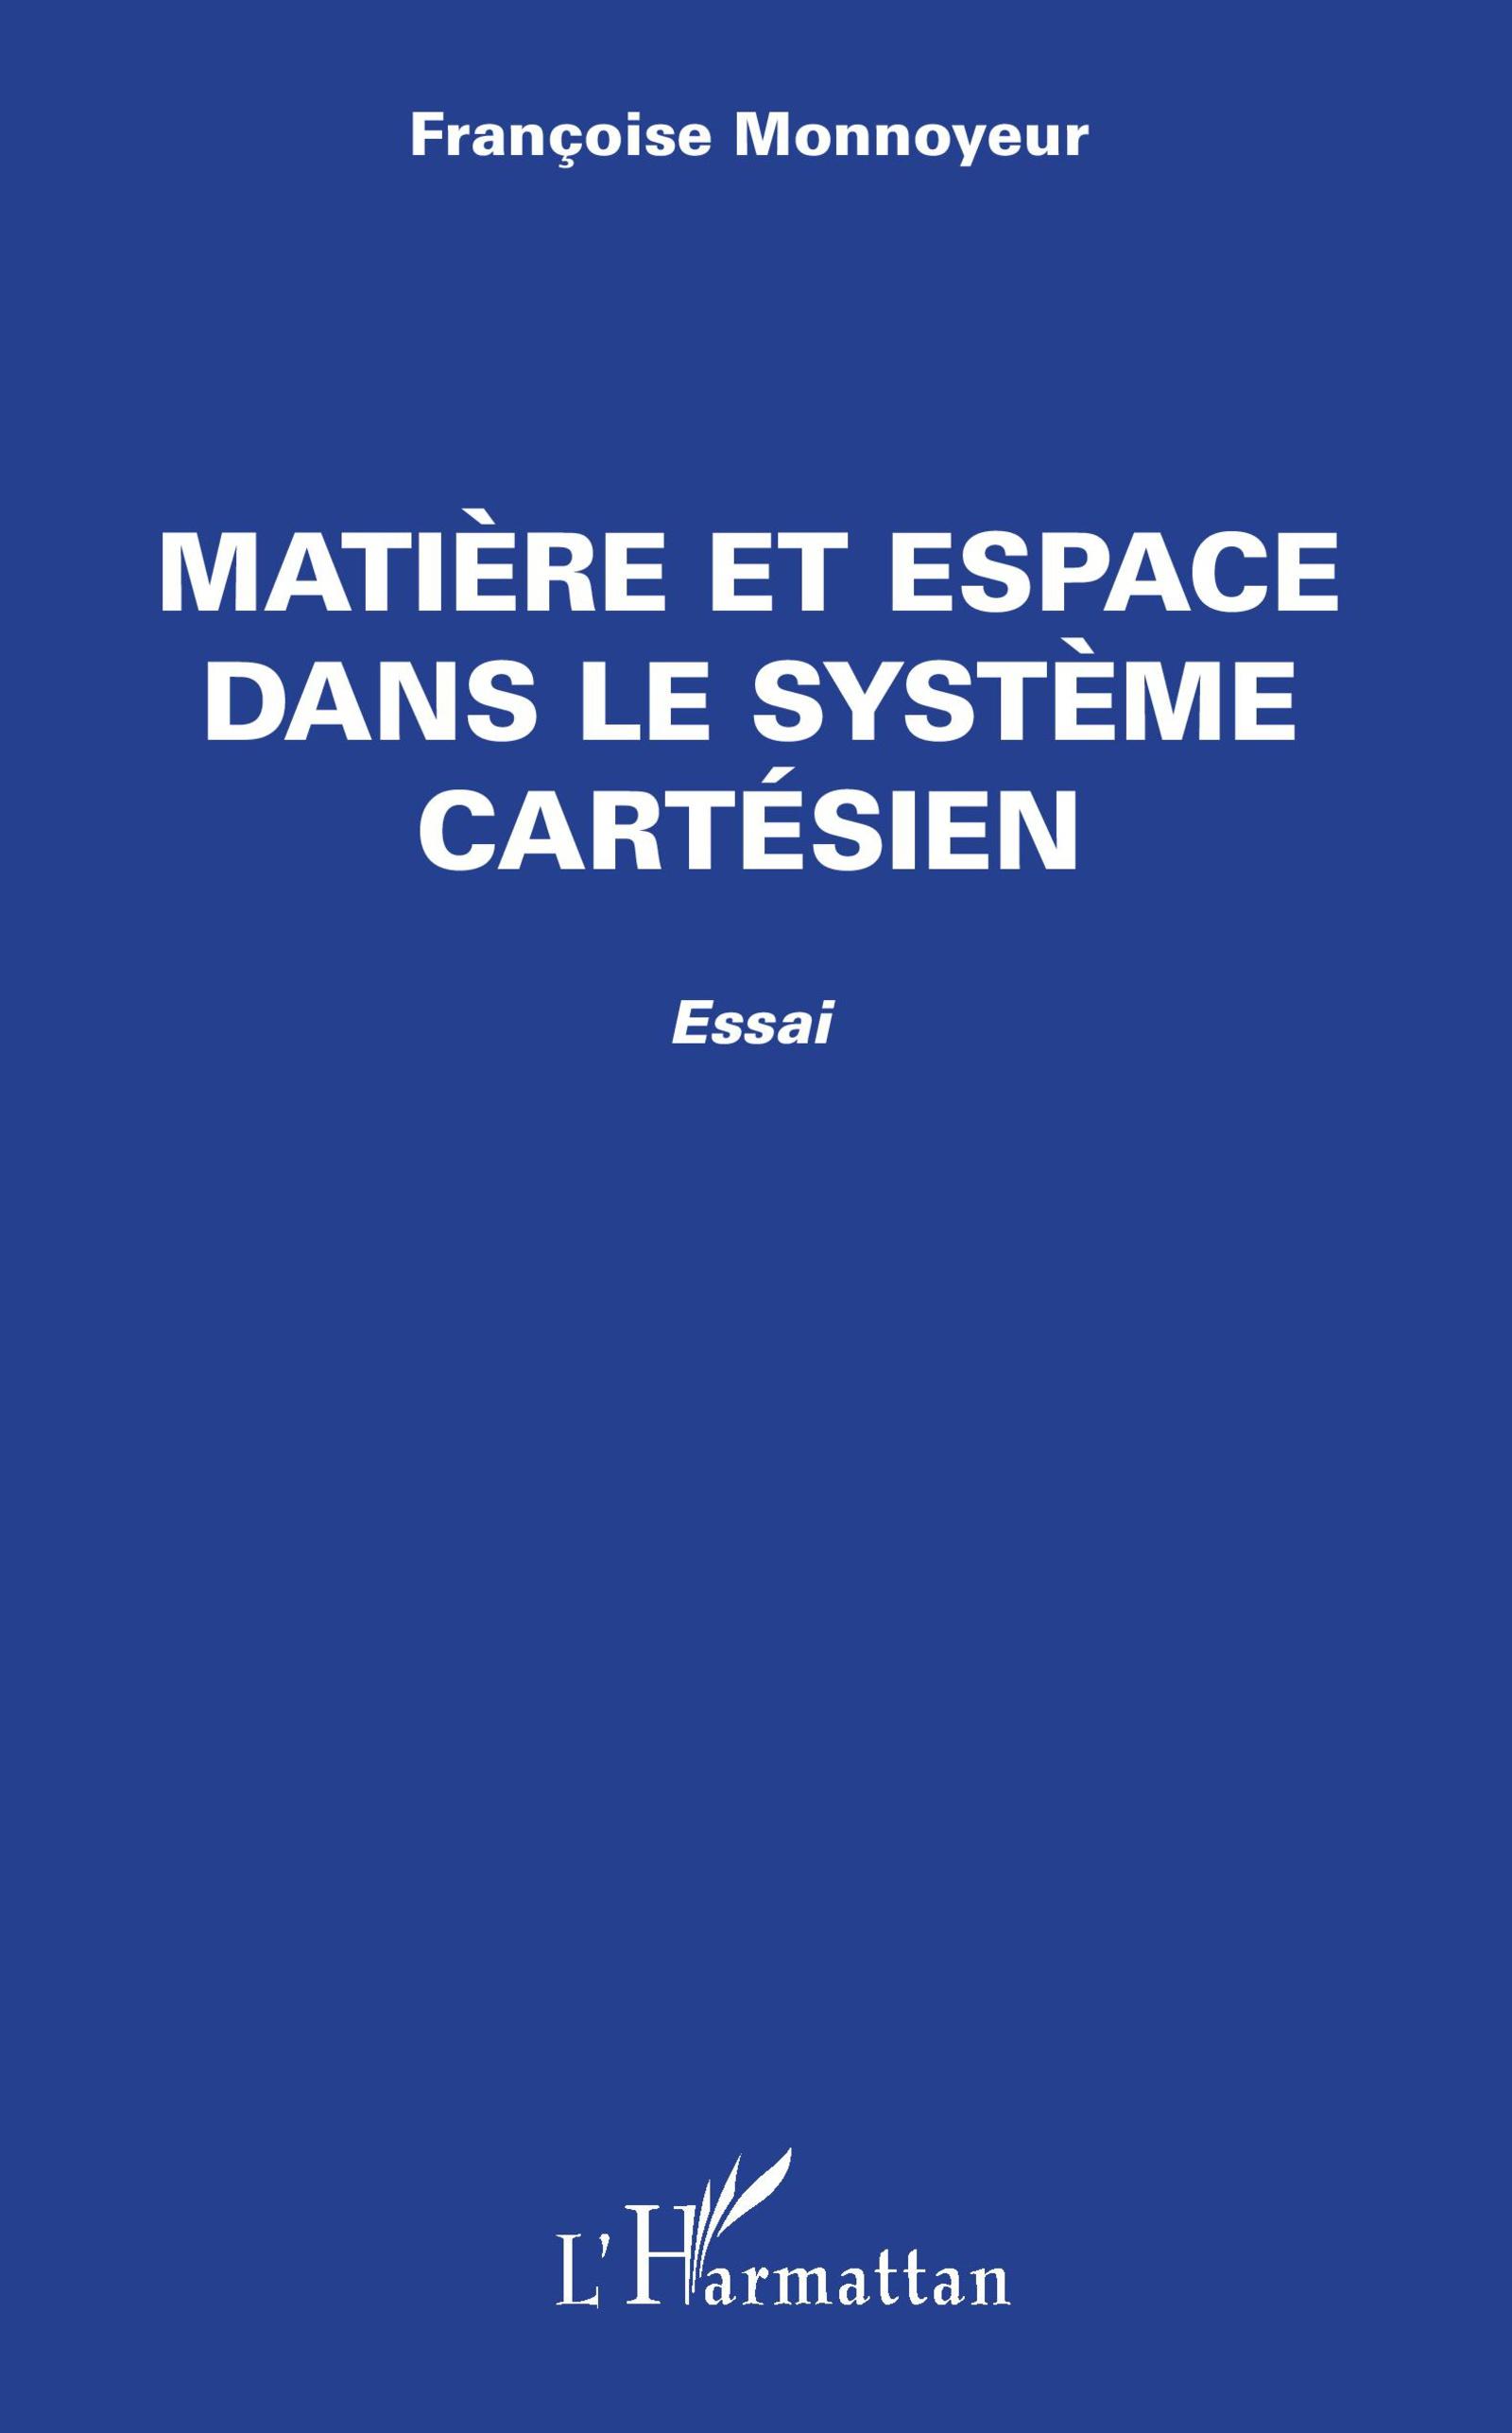 Matière et espace